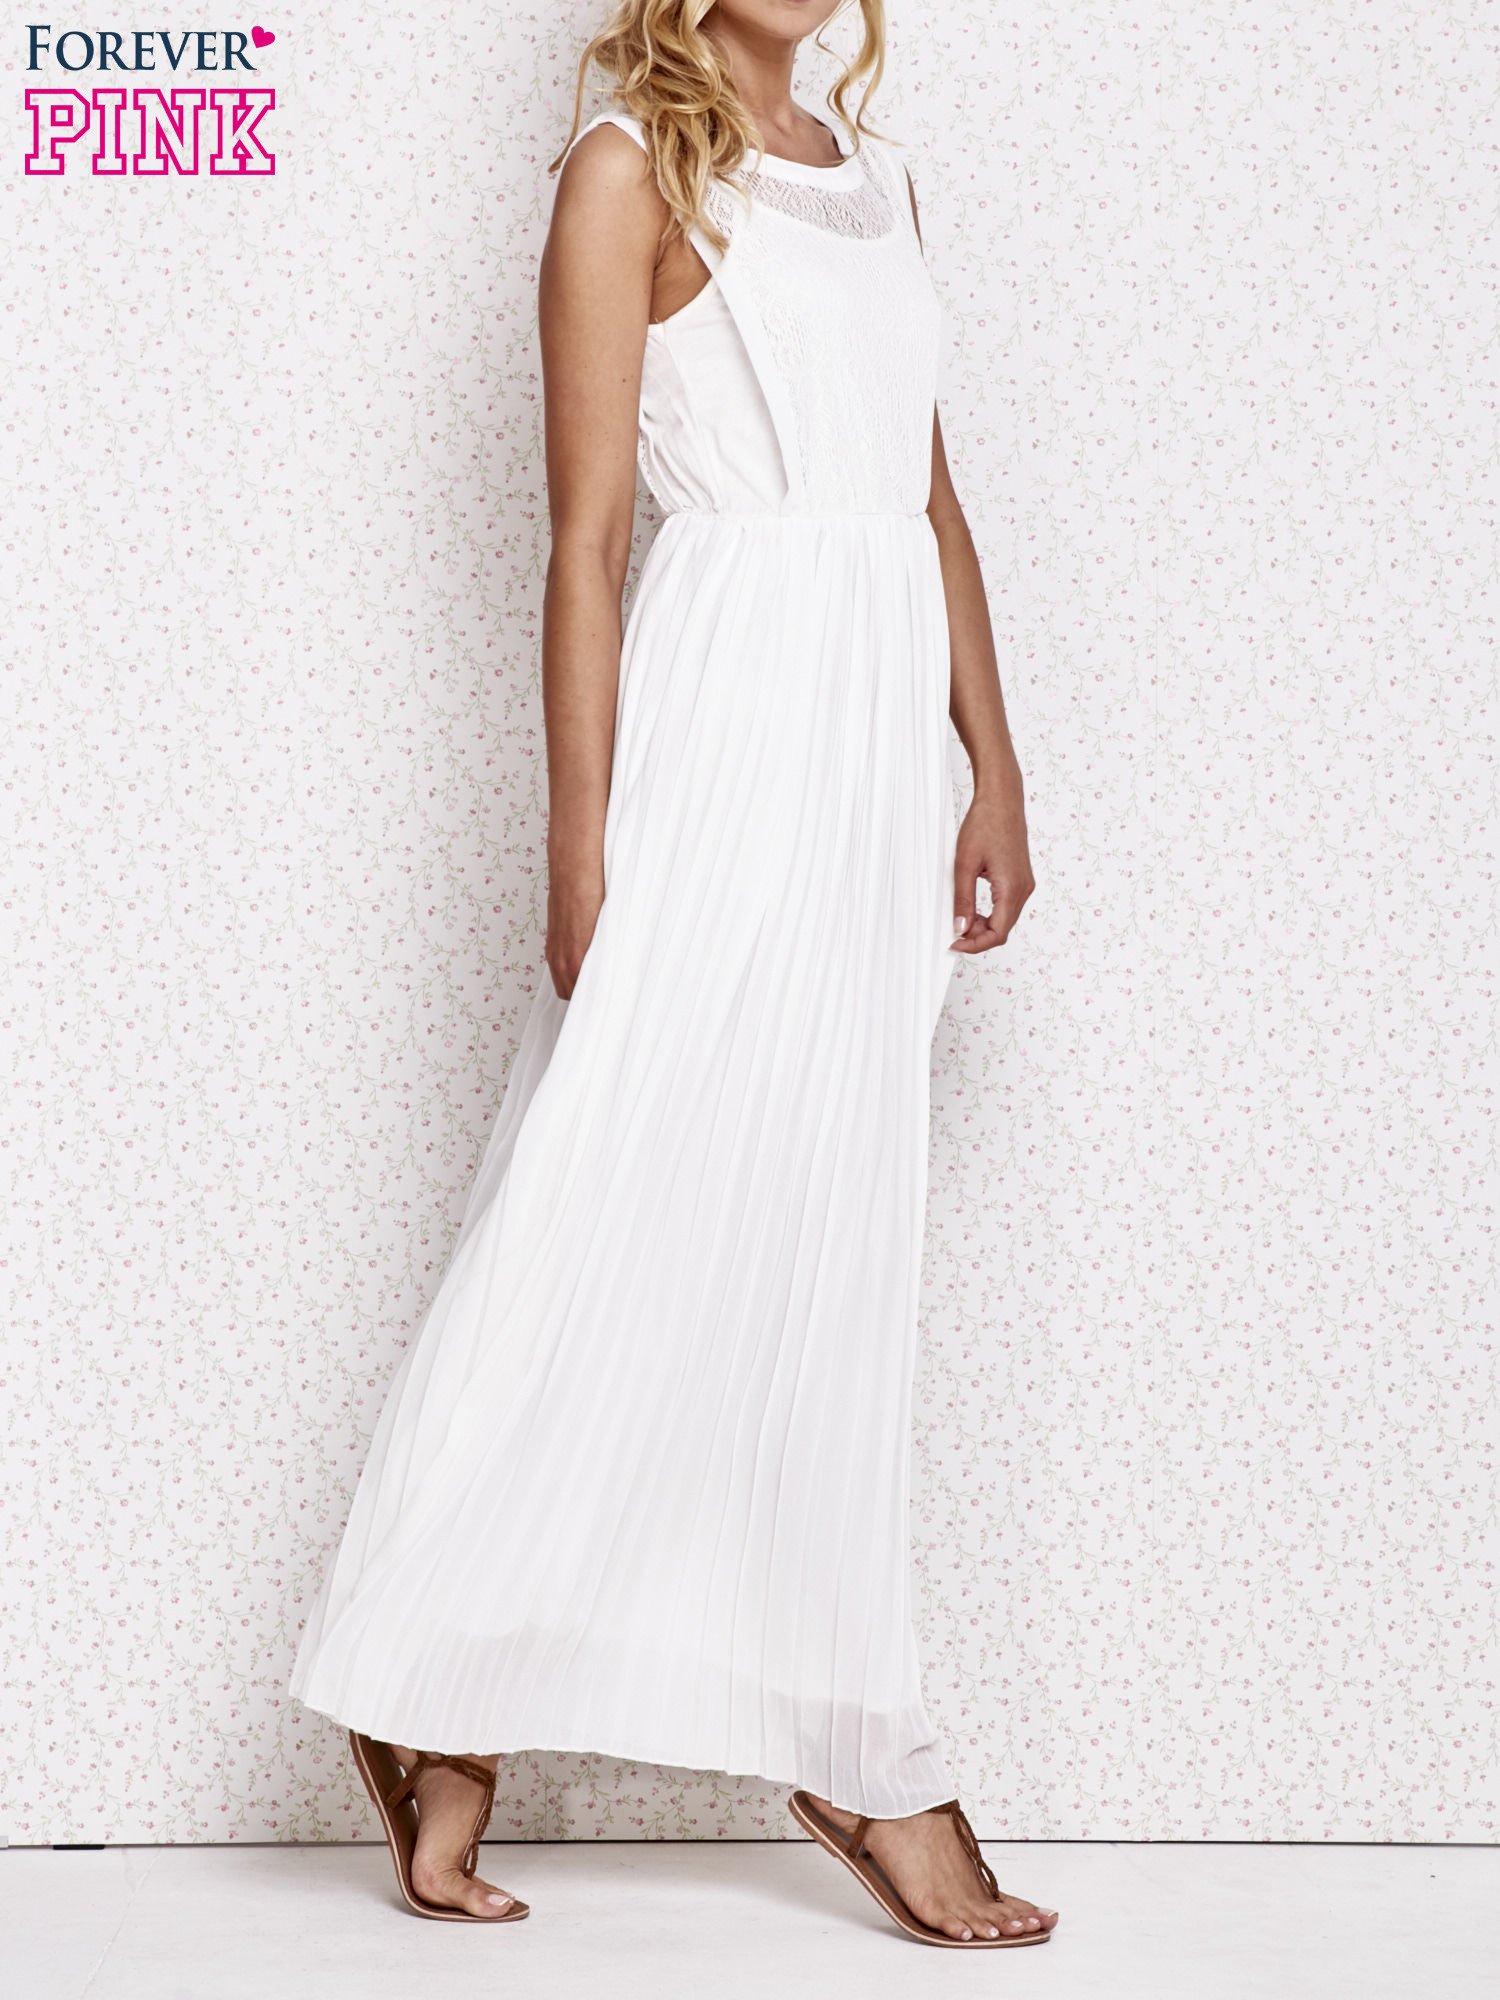 Biała sukienka maxi z koronkowym przodem                                  zdj.                                  3